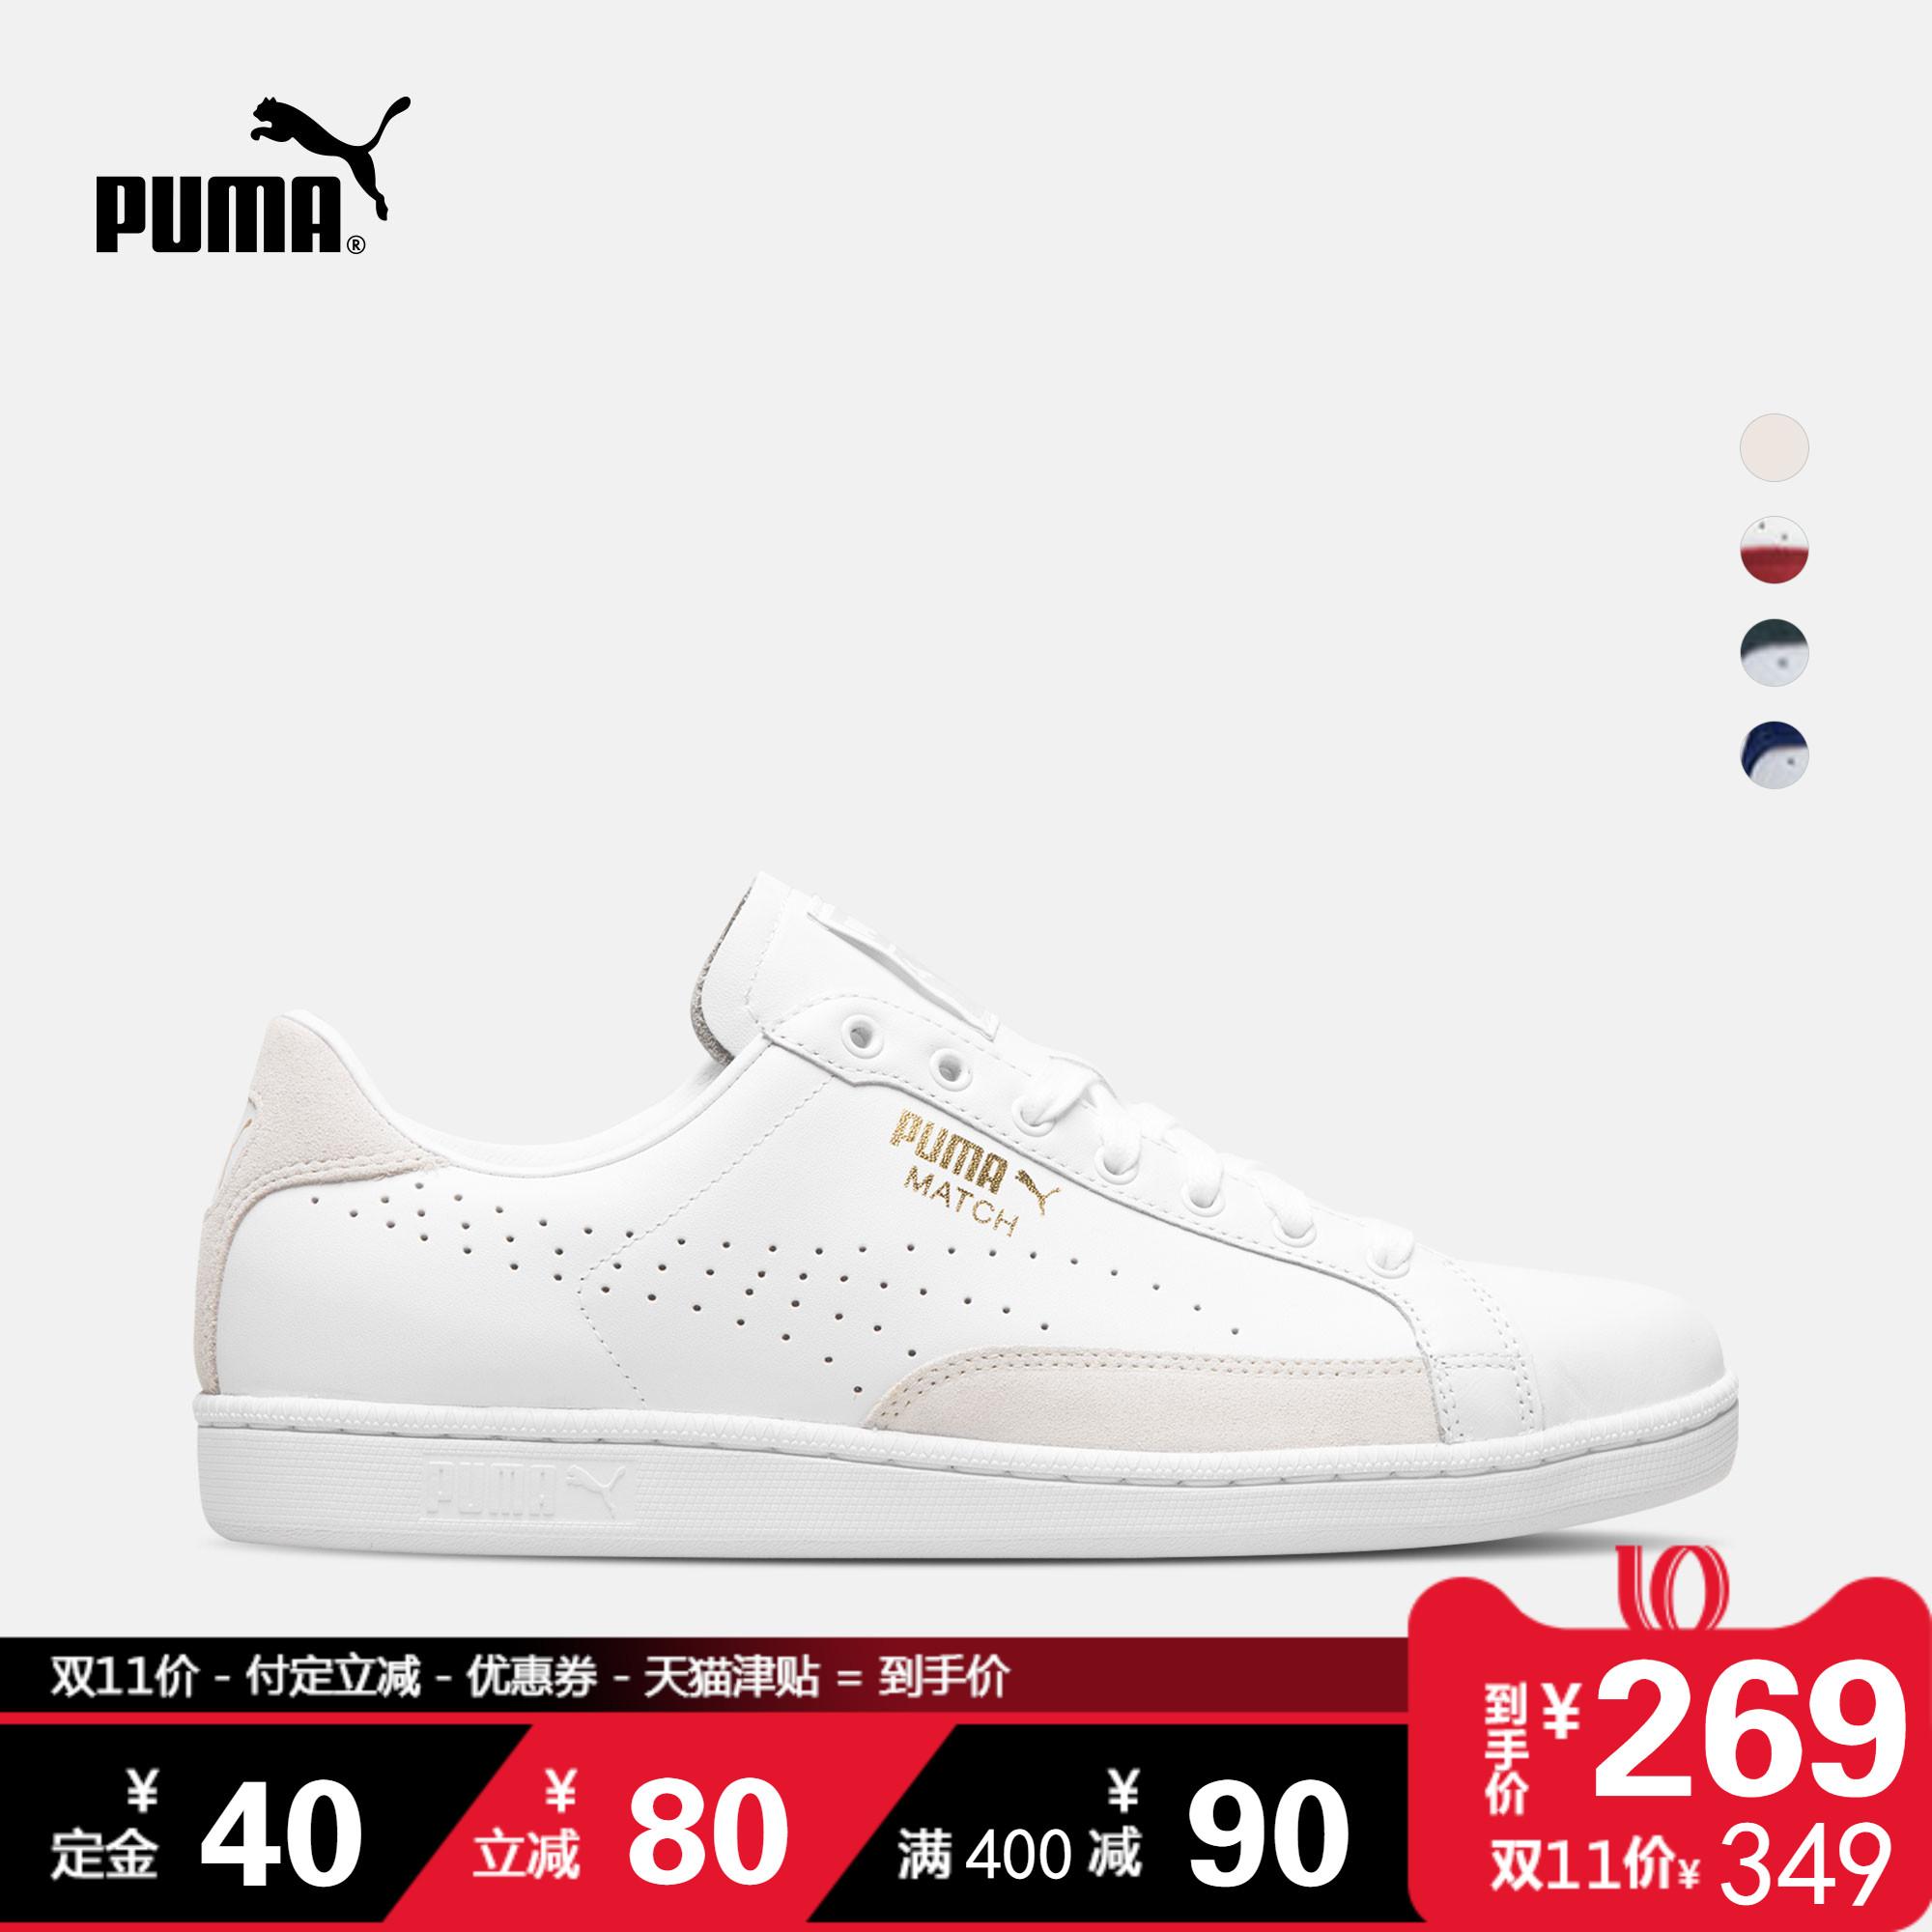 预售 PUMA彪马官方 男女同款运动休闲鞋 Match 74 UPC 359518